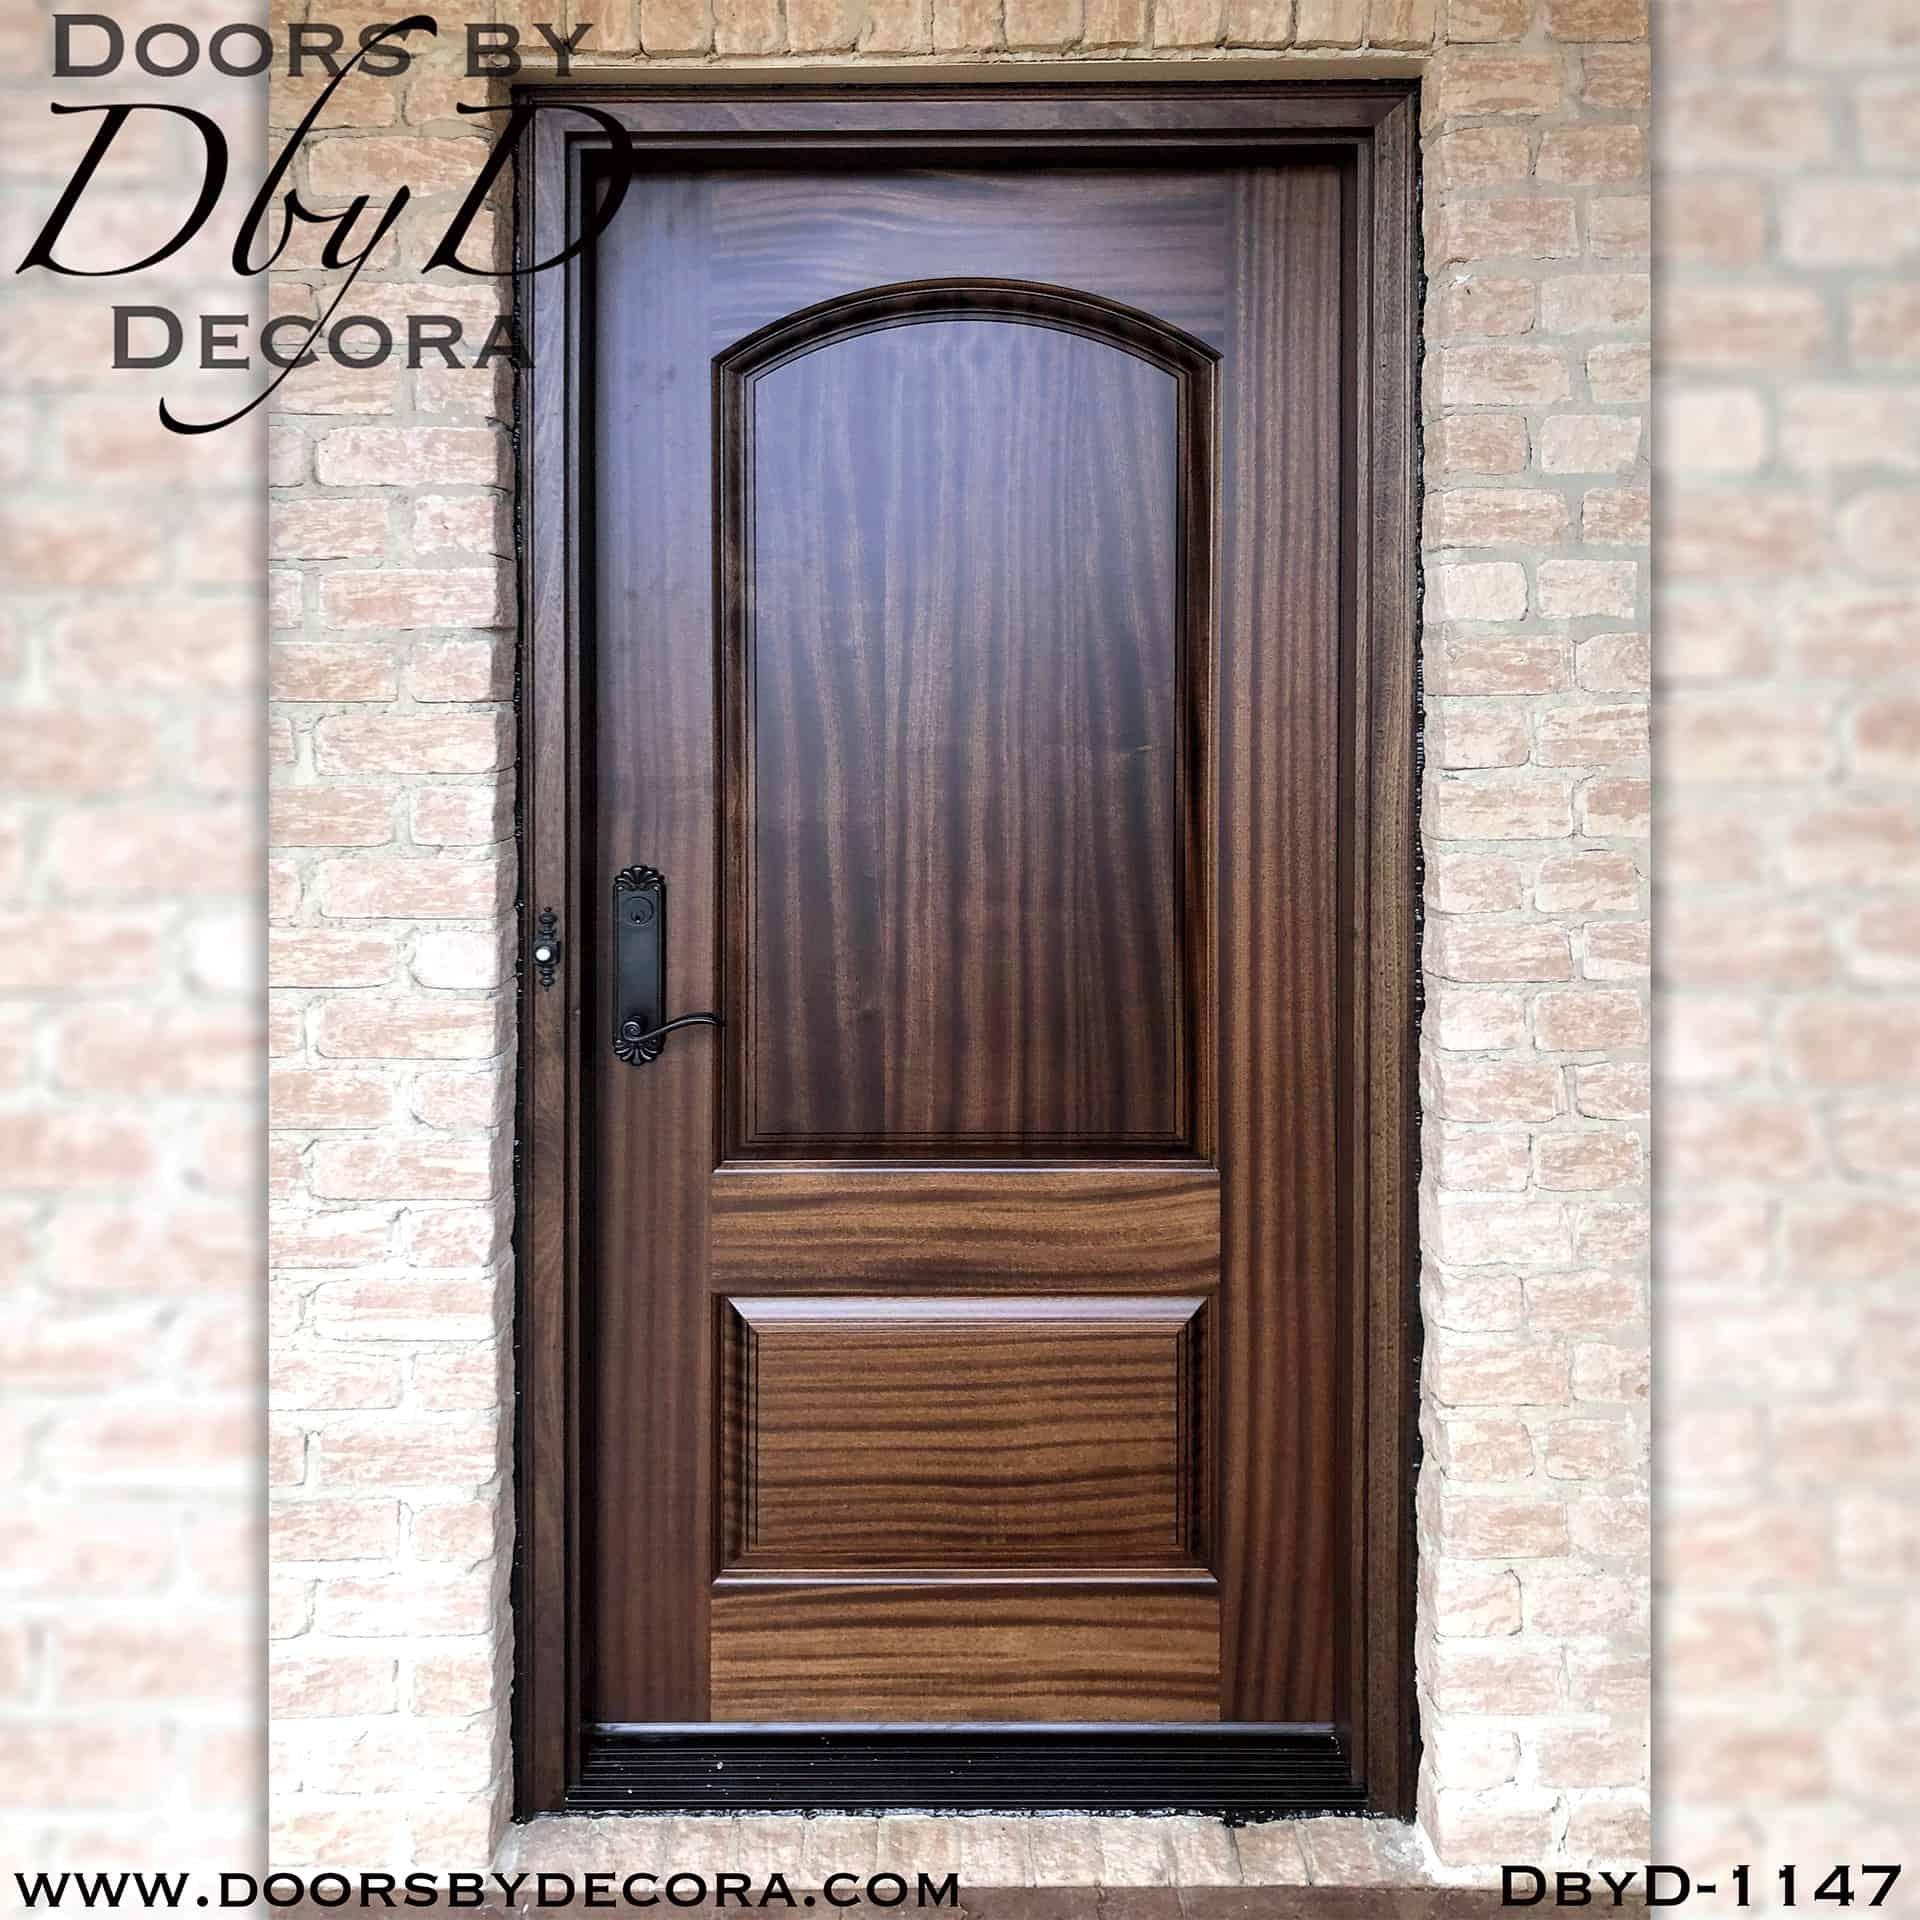 Custom Solid Door 2 Panel Wood Exterior Front Entry Doors By Decora